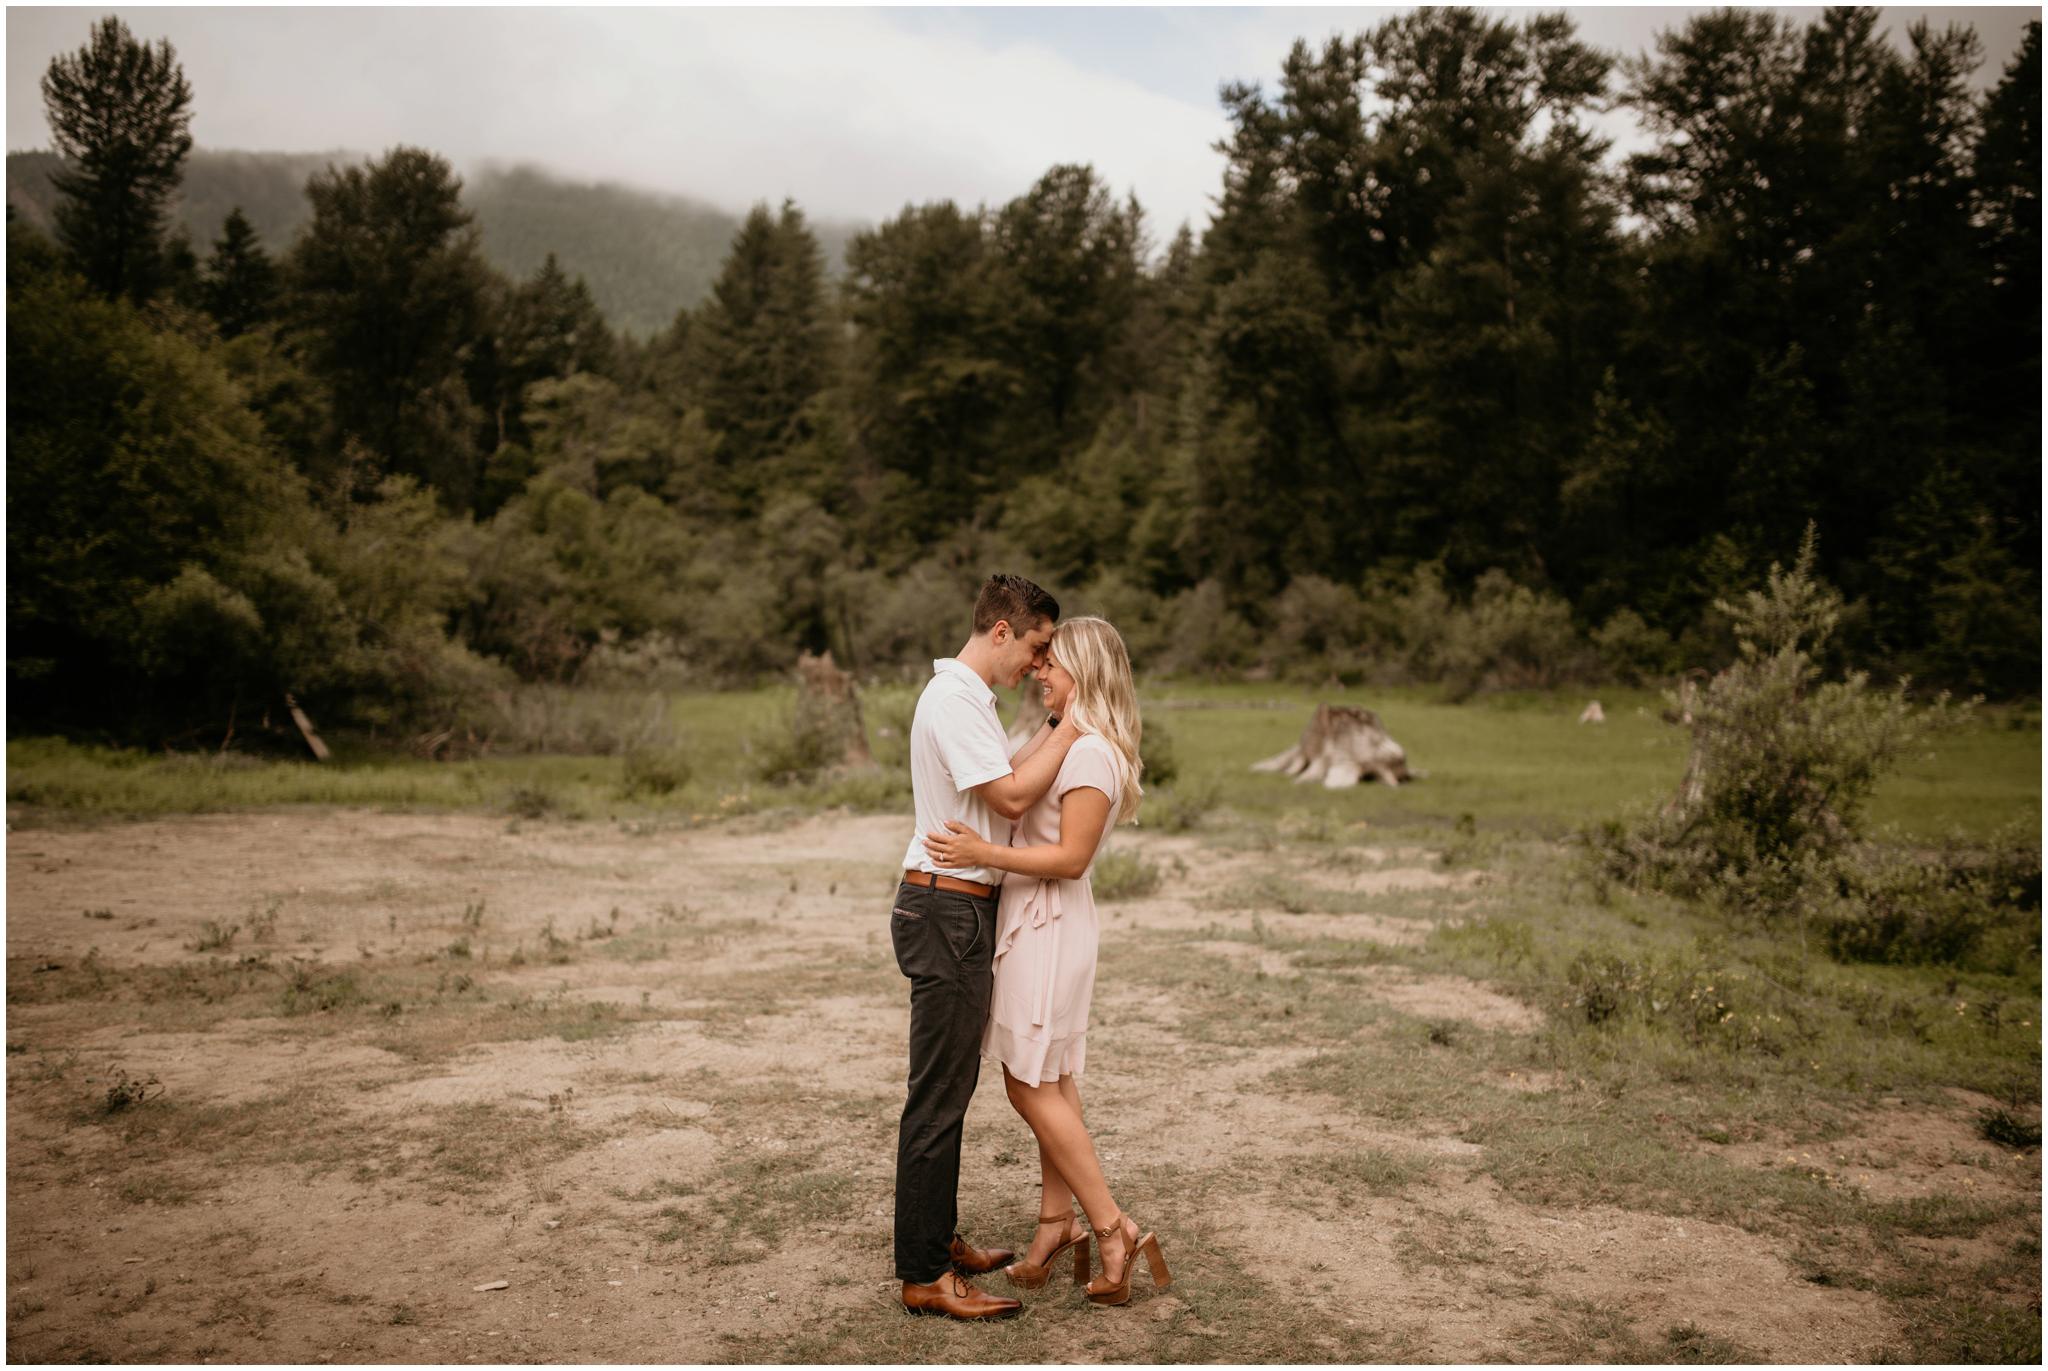 katie-nolan-rattlesnake-lake-engagement-session-seattle-wedding-photographer-001.jpg